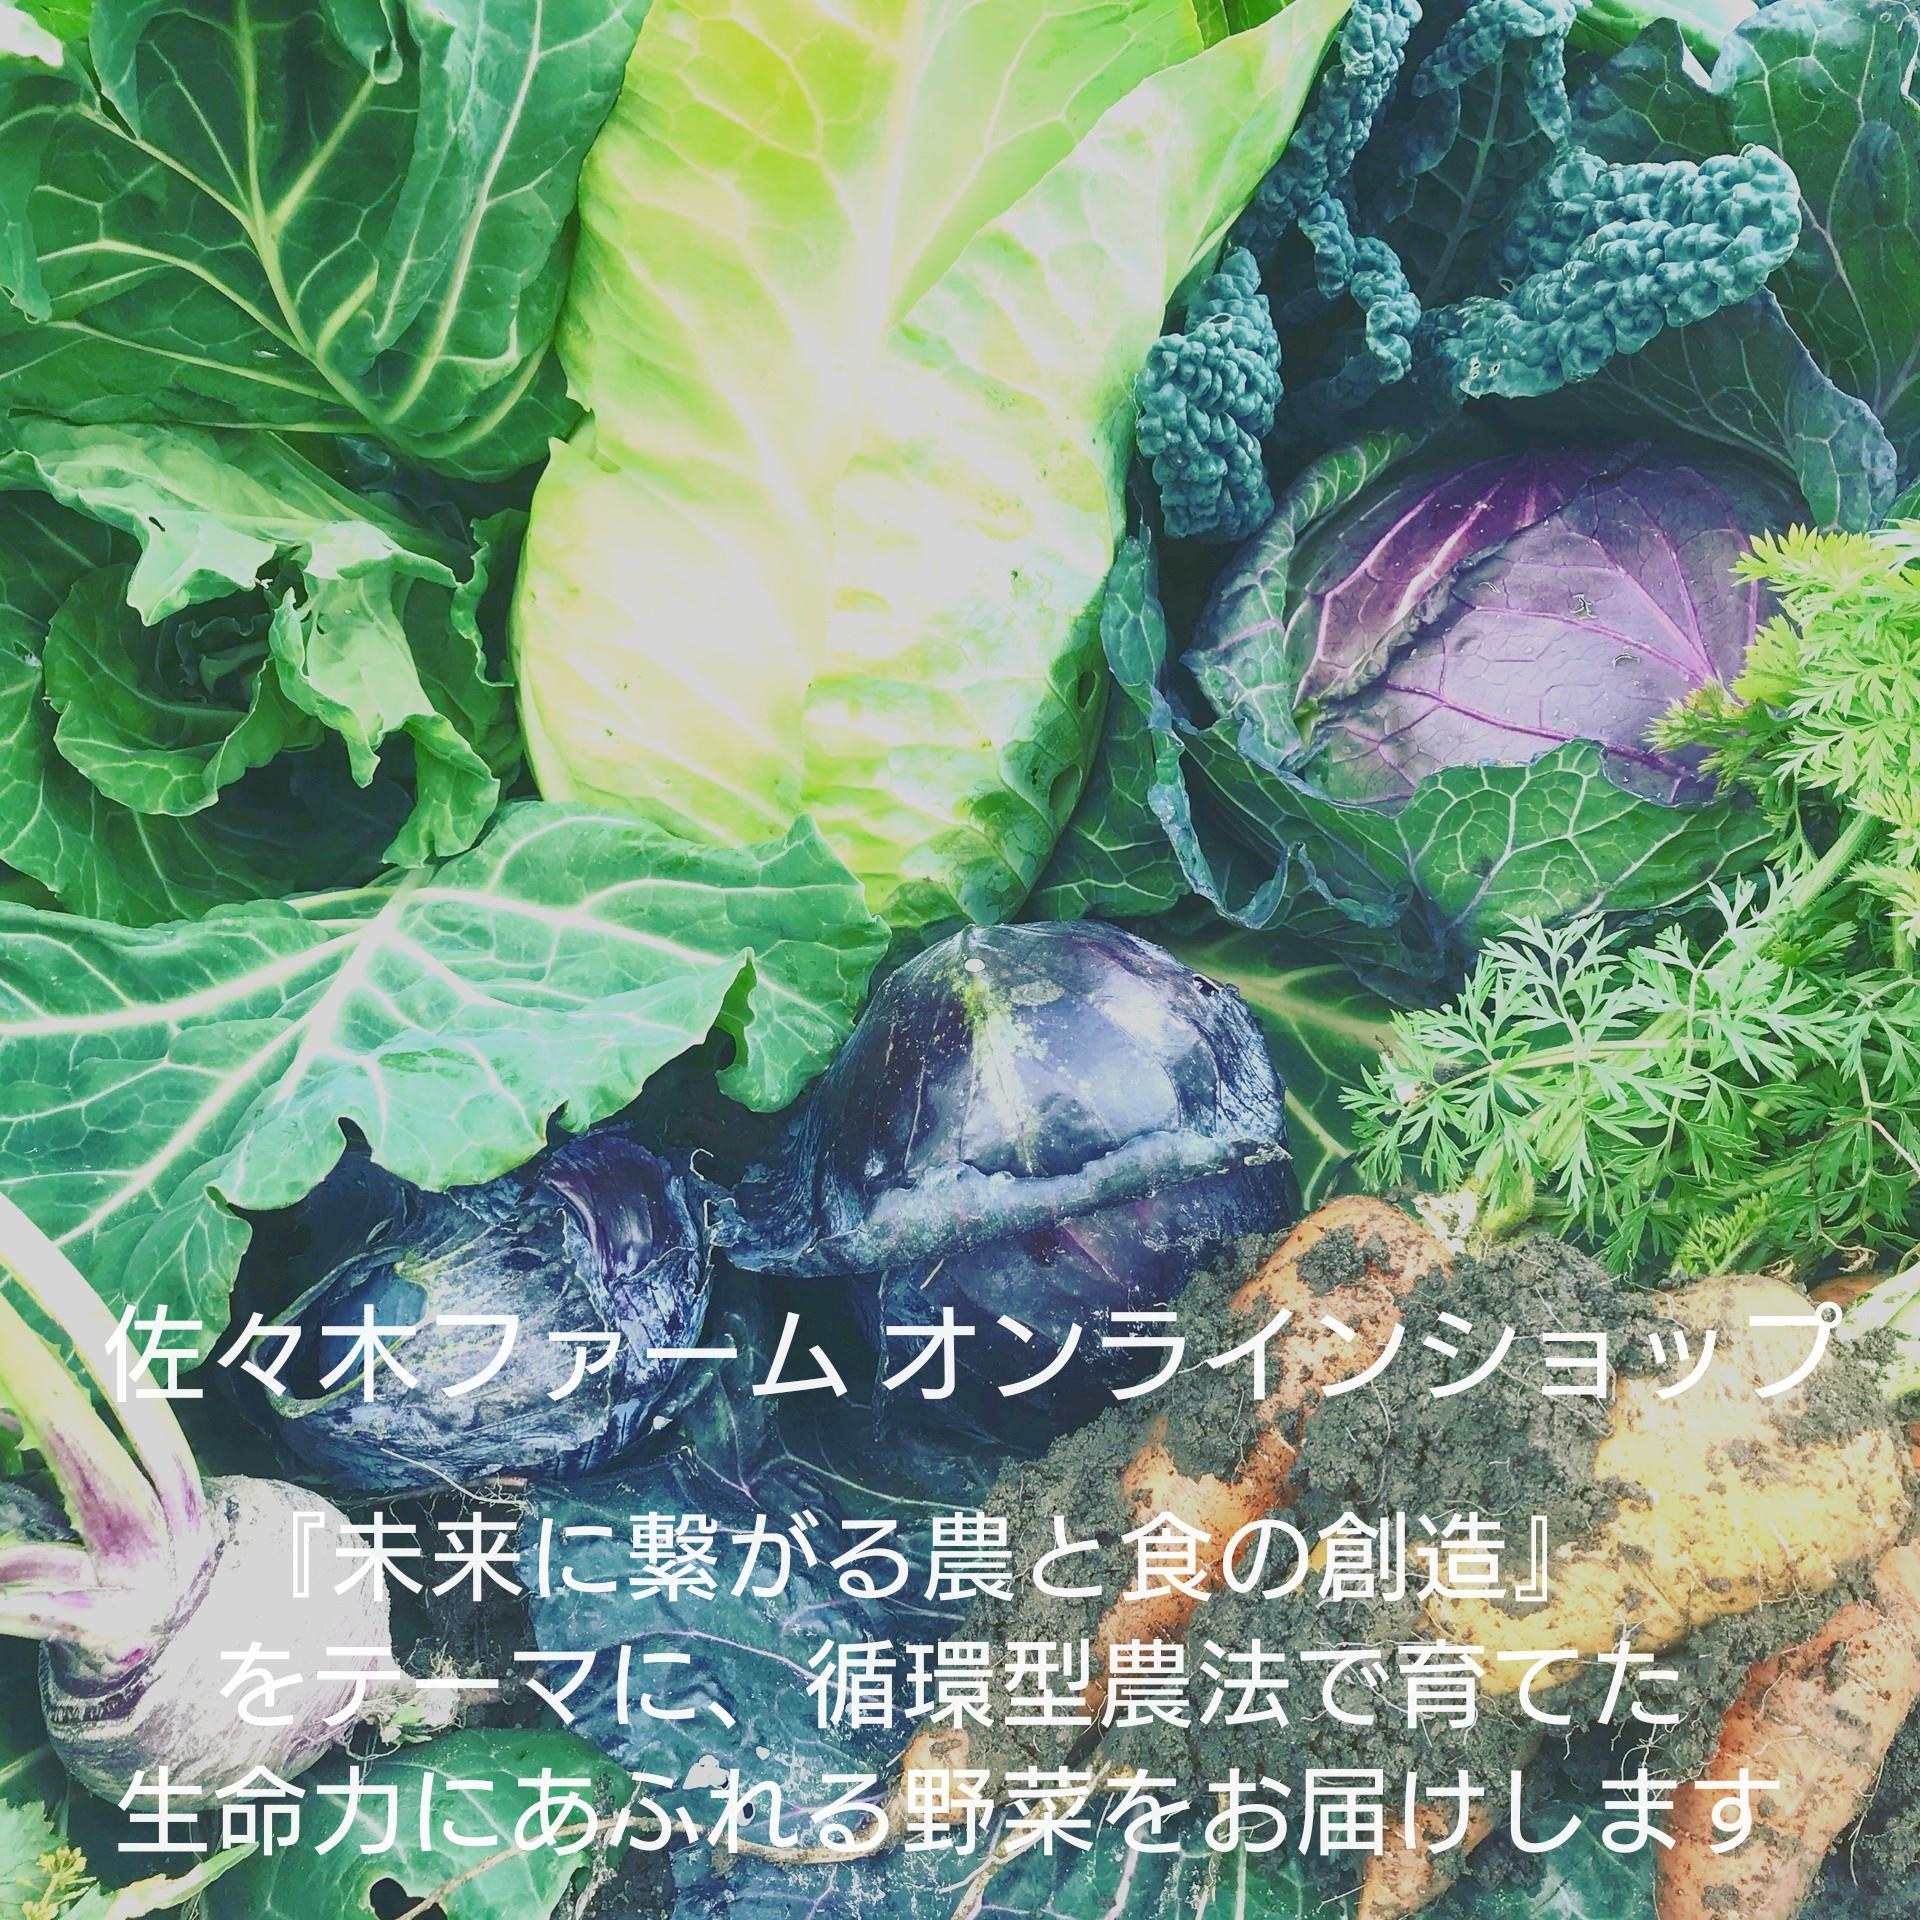 洞爺の佐々木ファーム|土はいのち。いのちは土から。〜未来に繋がる農と食の創造〜